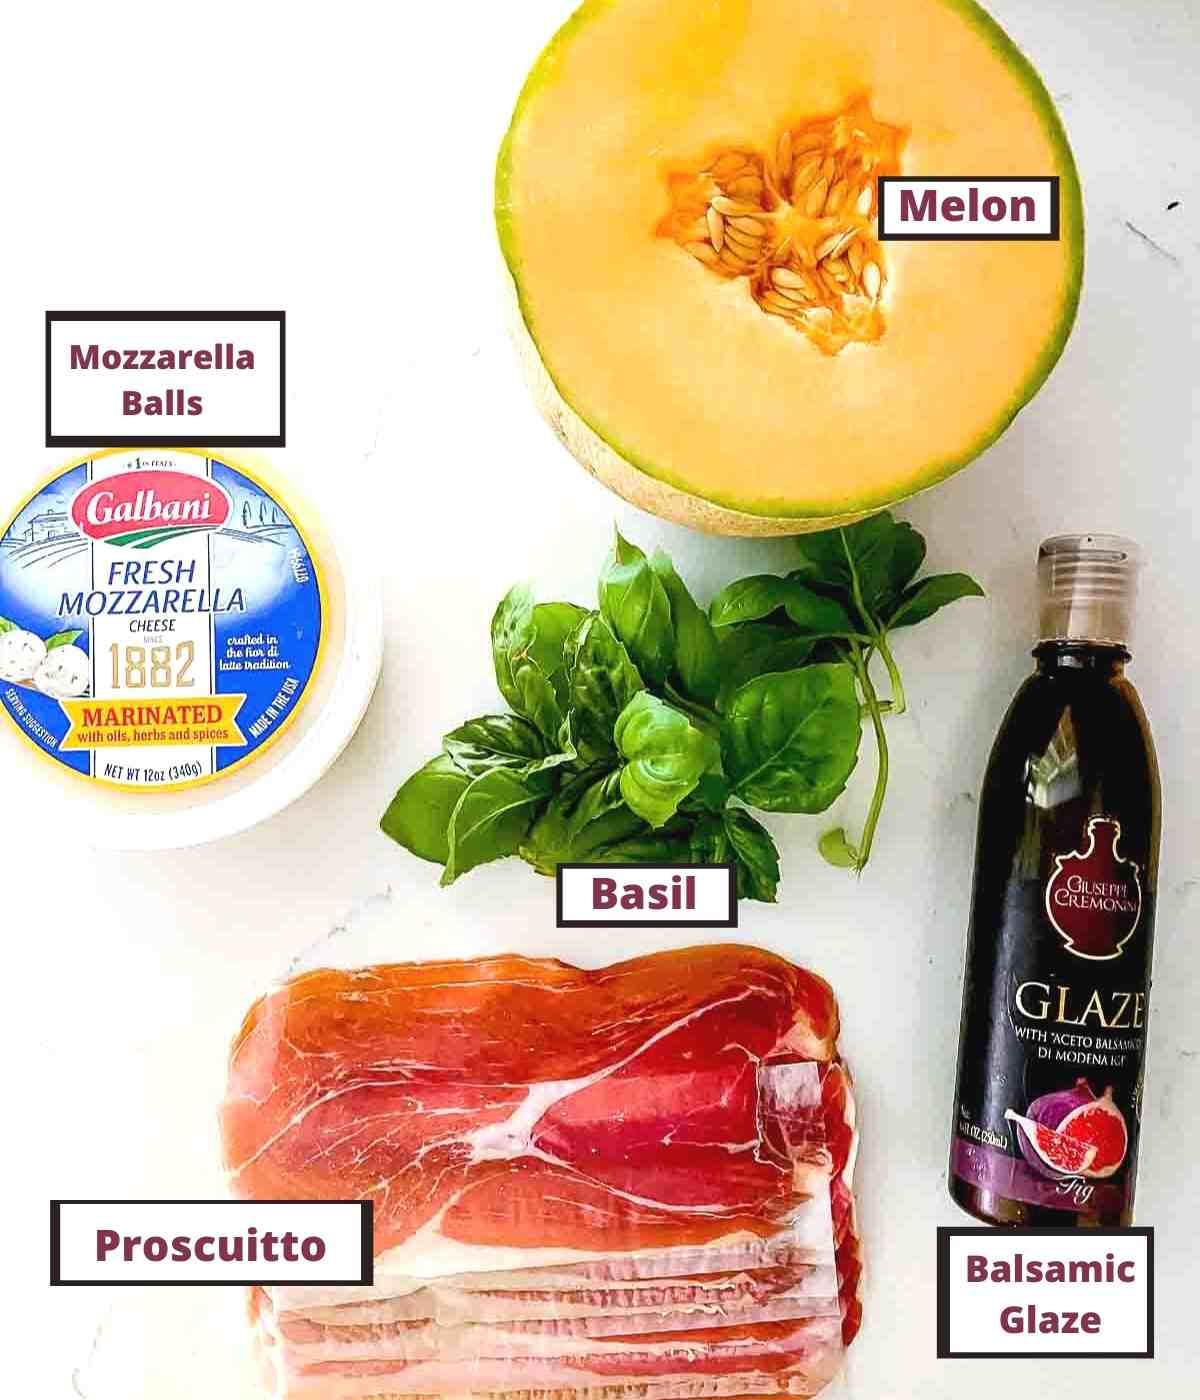 Prosciutto, basil balsamic, mozzarella and melon on a table.